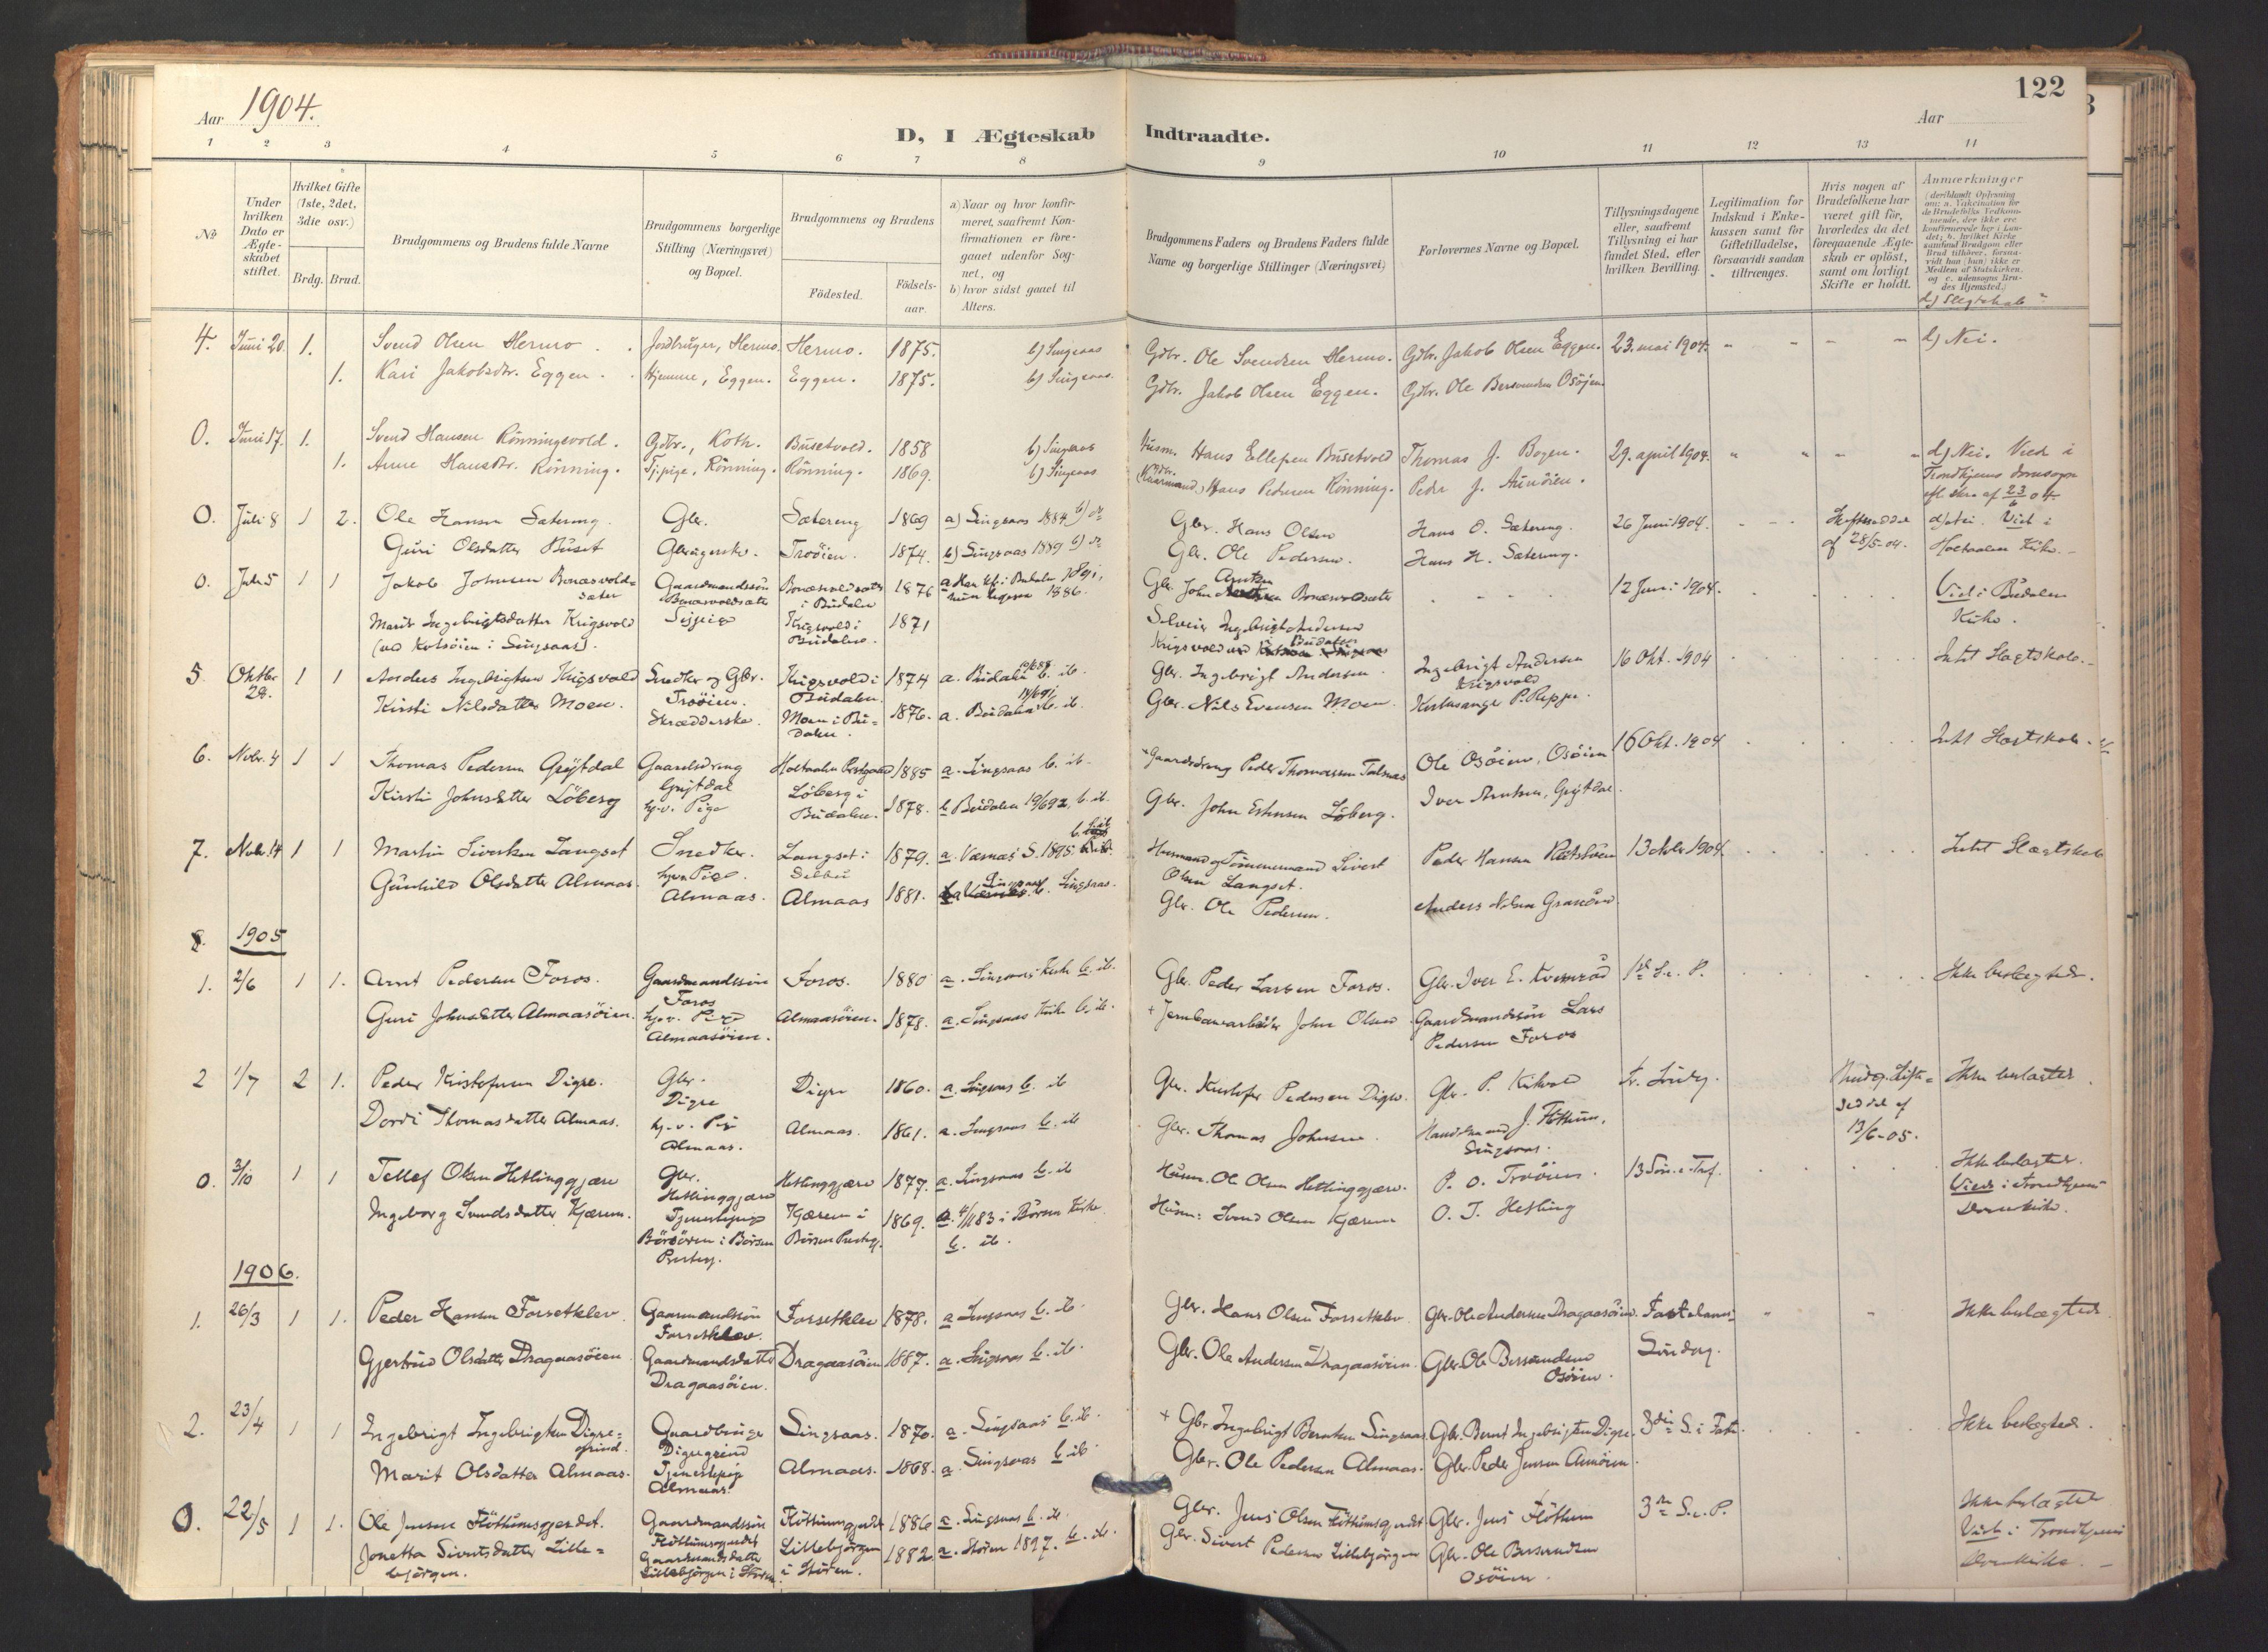 SAT, Ministerialprotokoller, klokkerbøker og fødselsregistre - Sør-Trøndelag, 688/L1025: Ministerialbok nr. 688A02, 1891-1909, s. 122